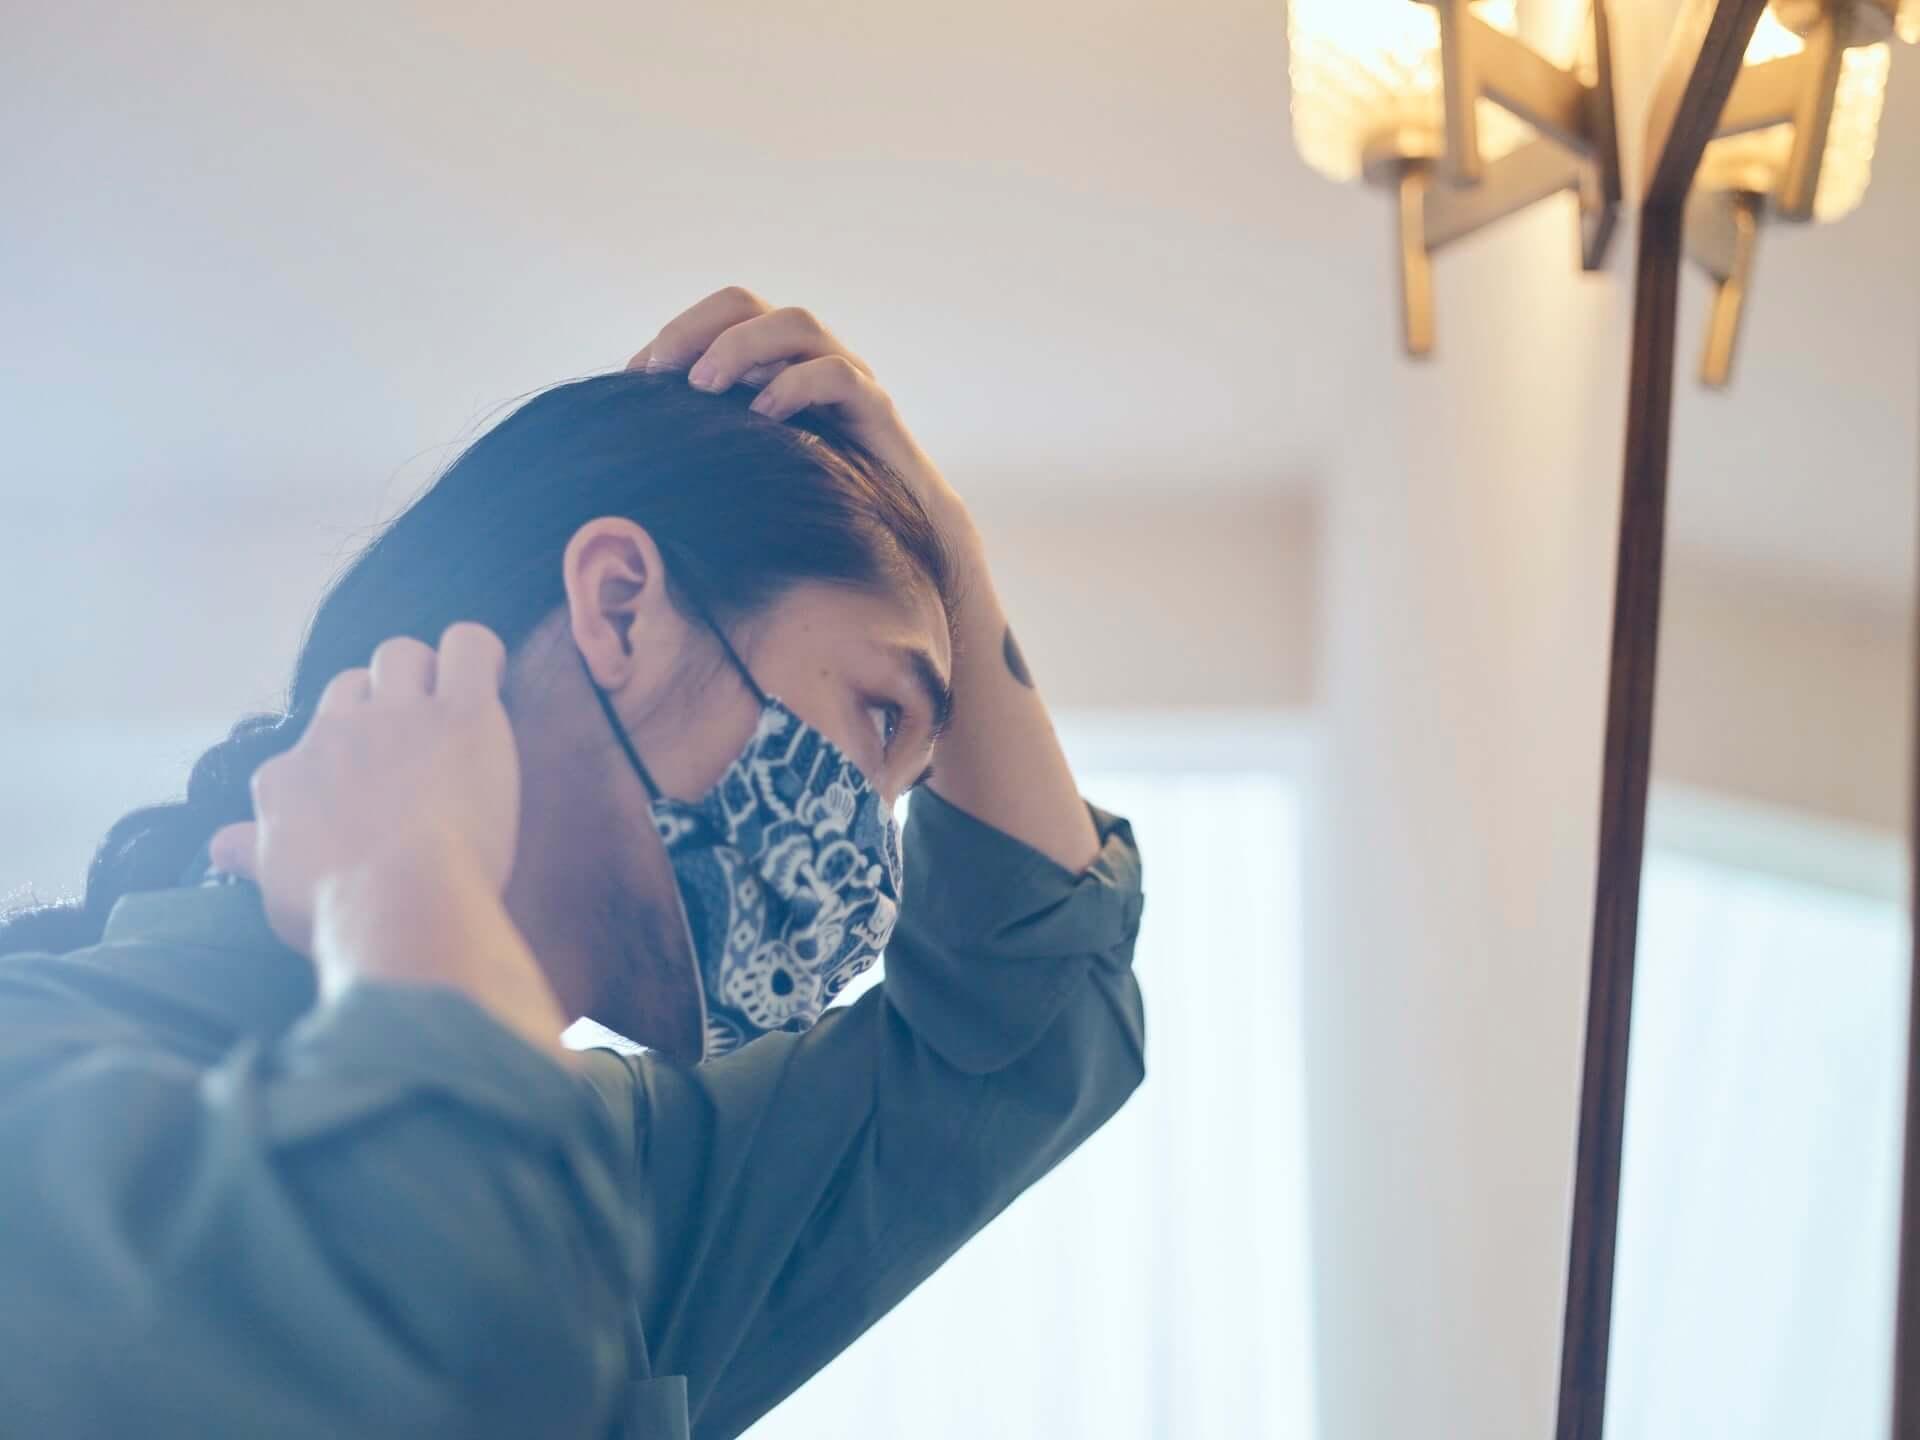 現代装飾家・京森康平と藍師/染師・BUAISOUが手掛けたマスク&手拭いも販売!『日に流れて橋に行く』×誠品生活日本橋のコラボ企画が始動 lf200806_buaisou-koheikyomori_10-1920x1440